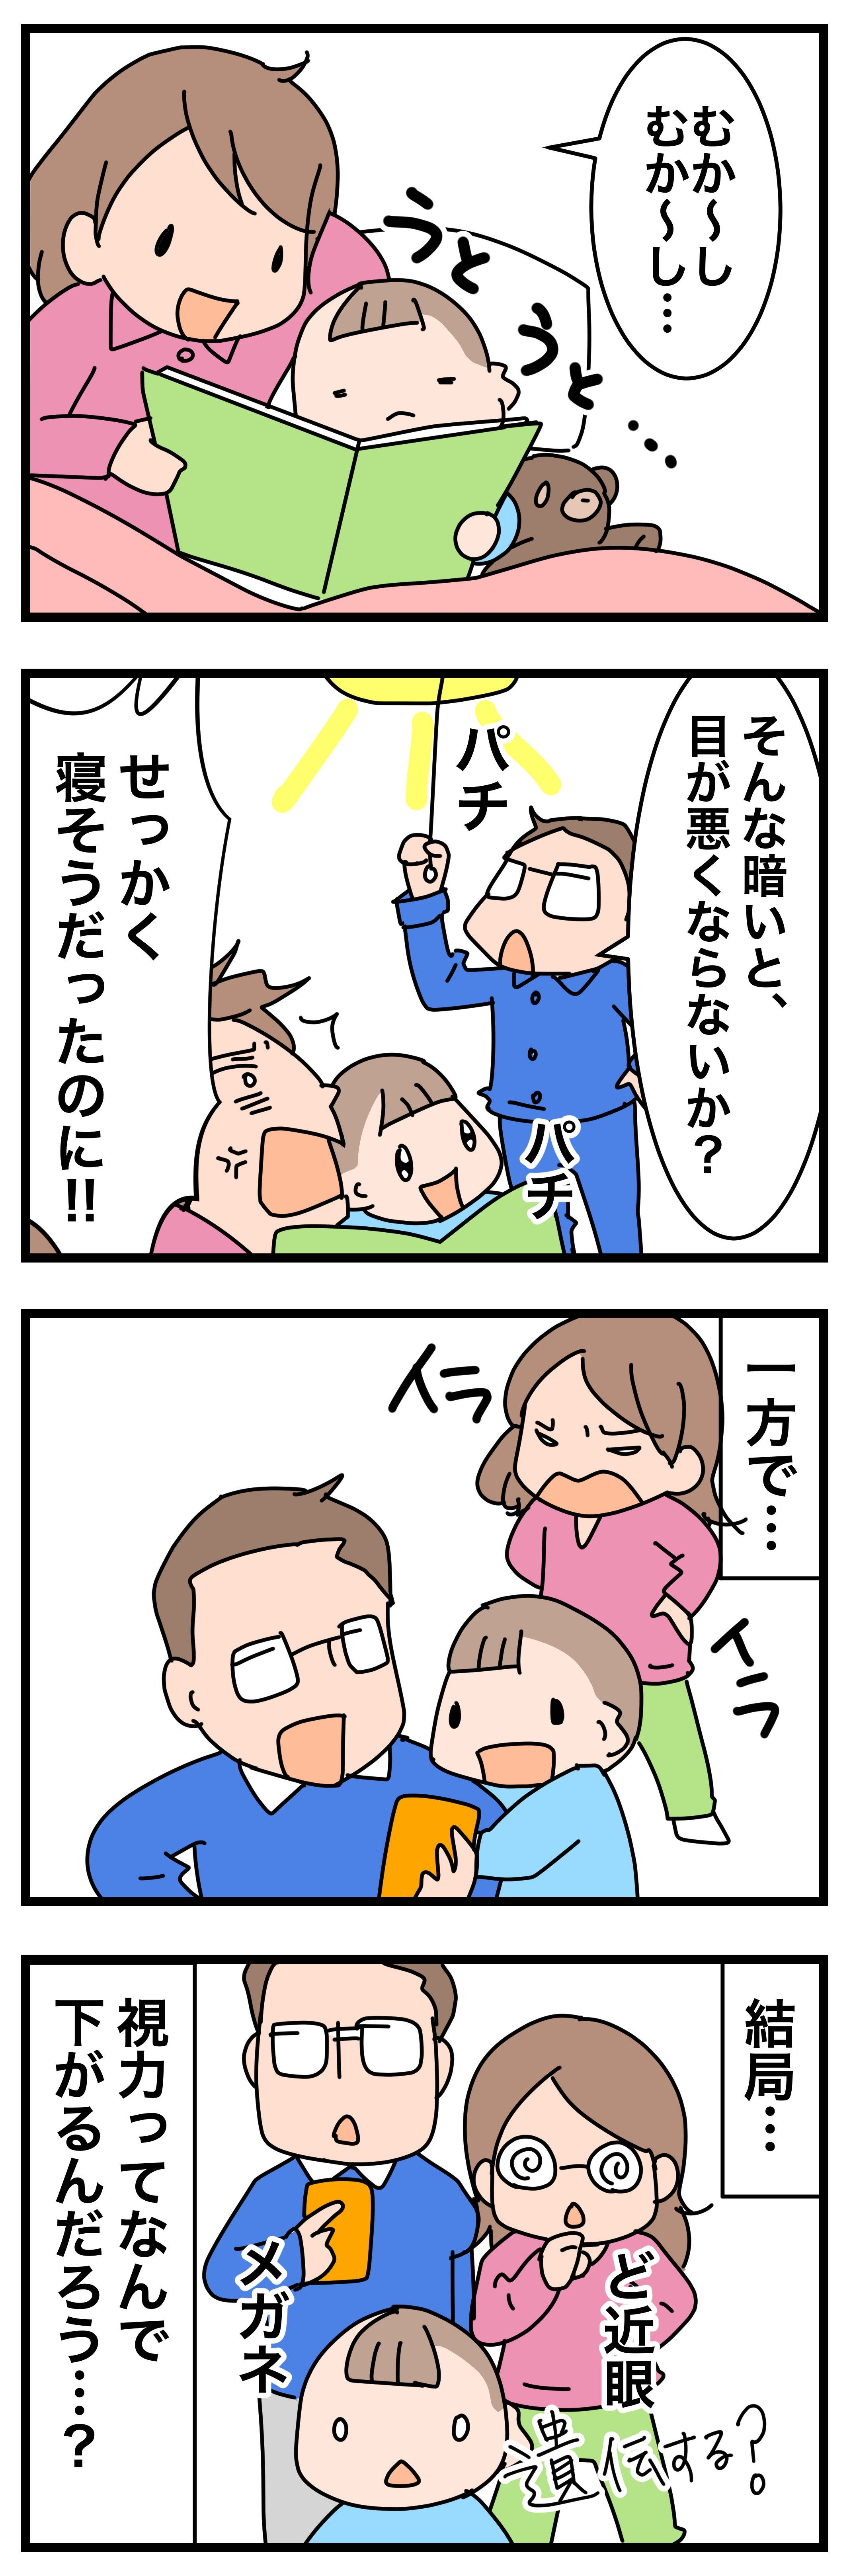 【教えてドクター】親が近眼だと子どもに遺伝する?スマホを見せても大丈夫?の画像1